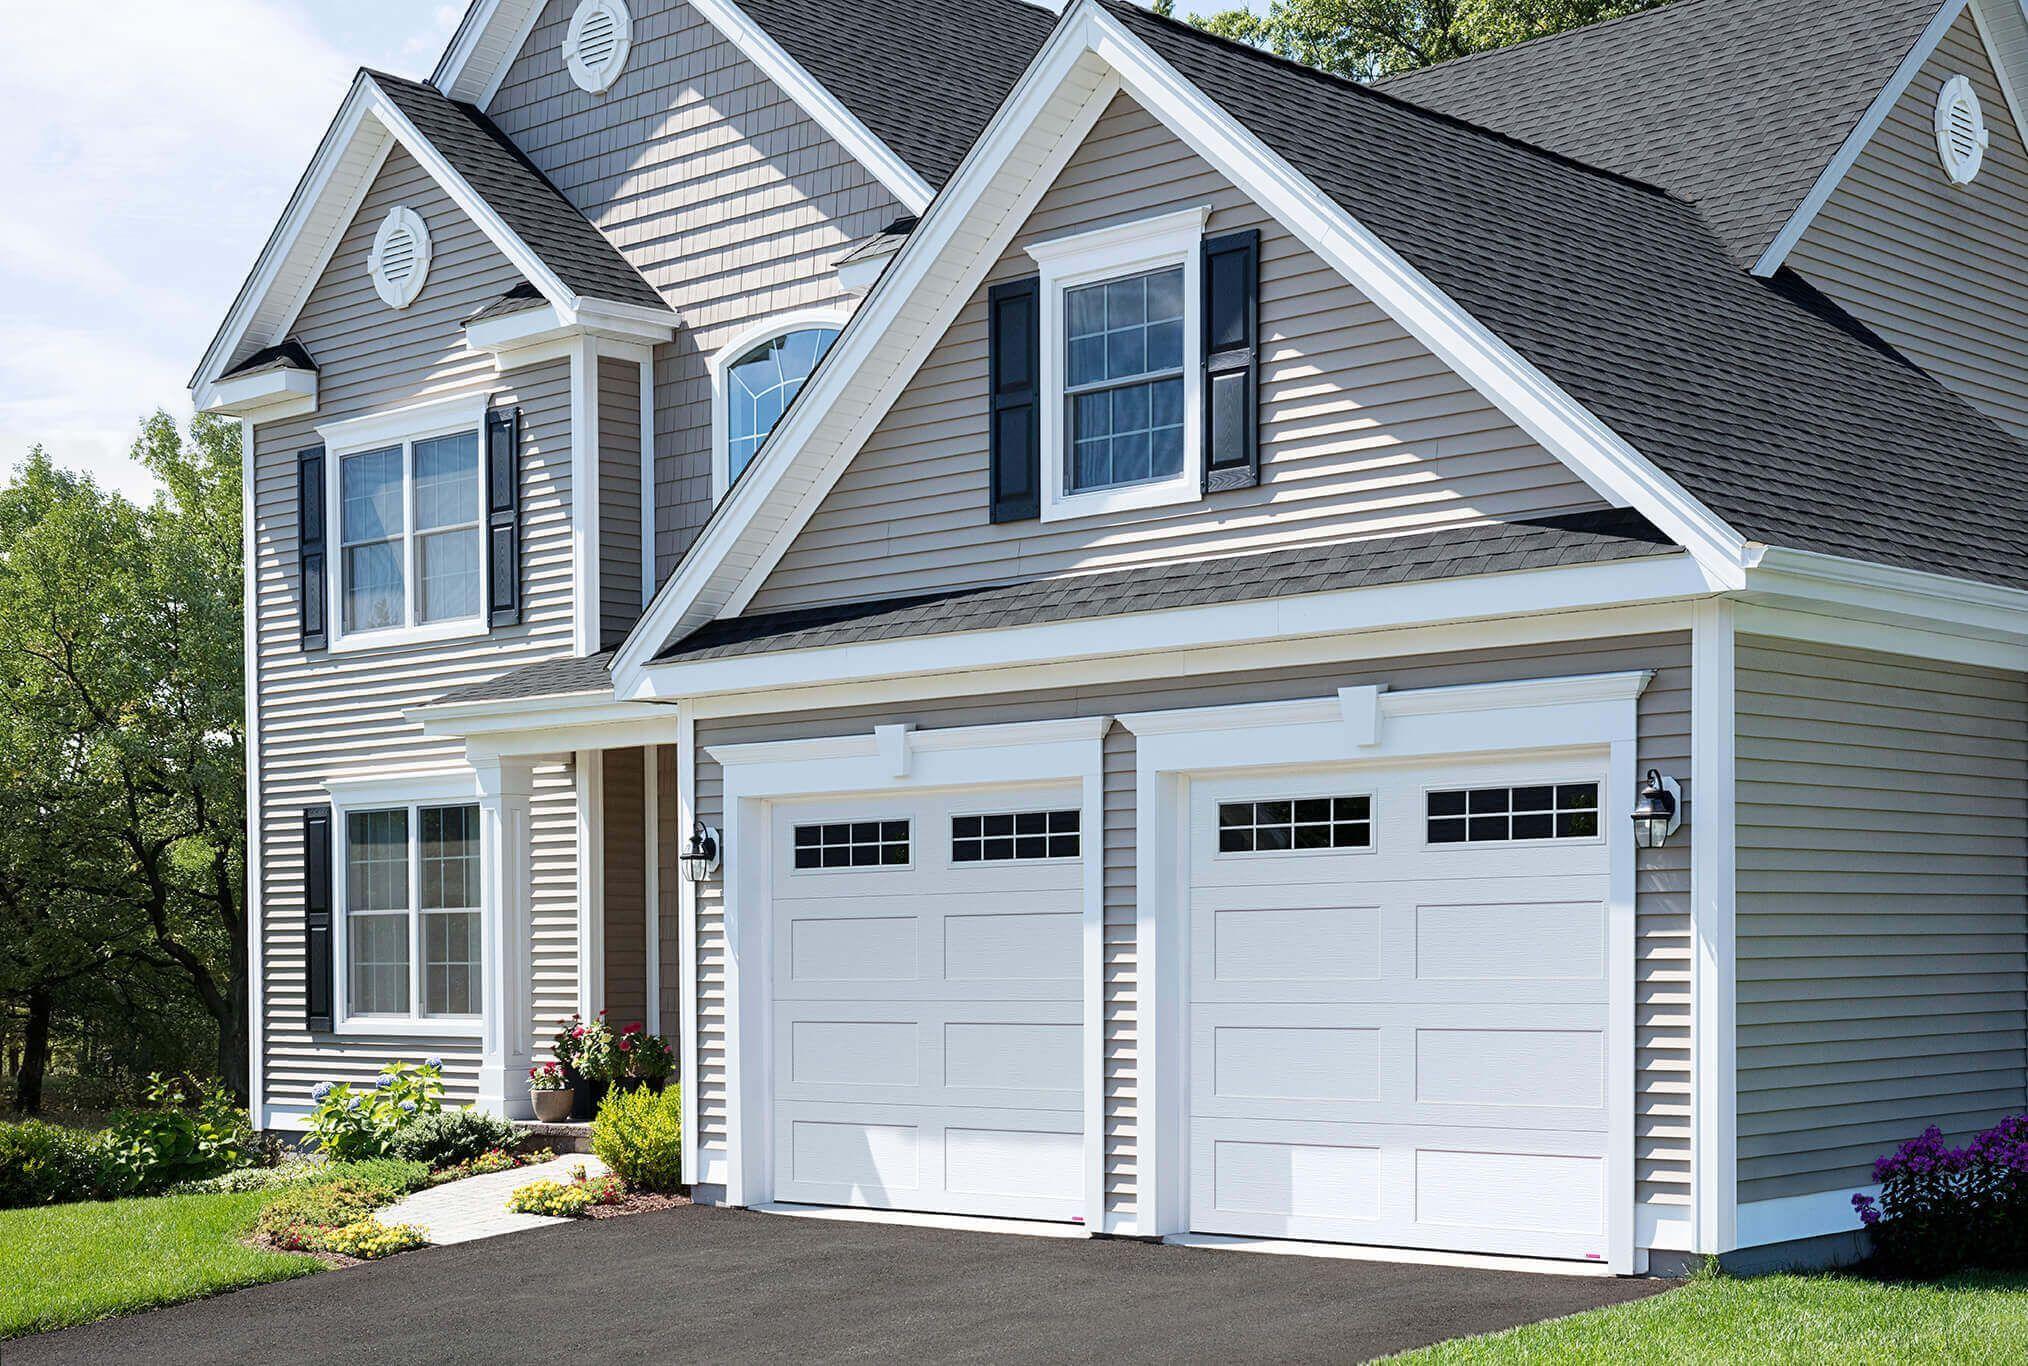 Residential Garage Doors Garage Door Company Door Doctor Offers